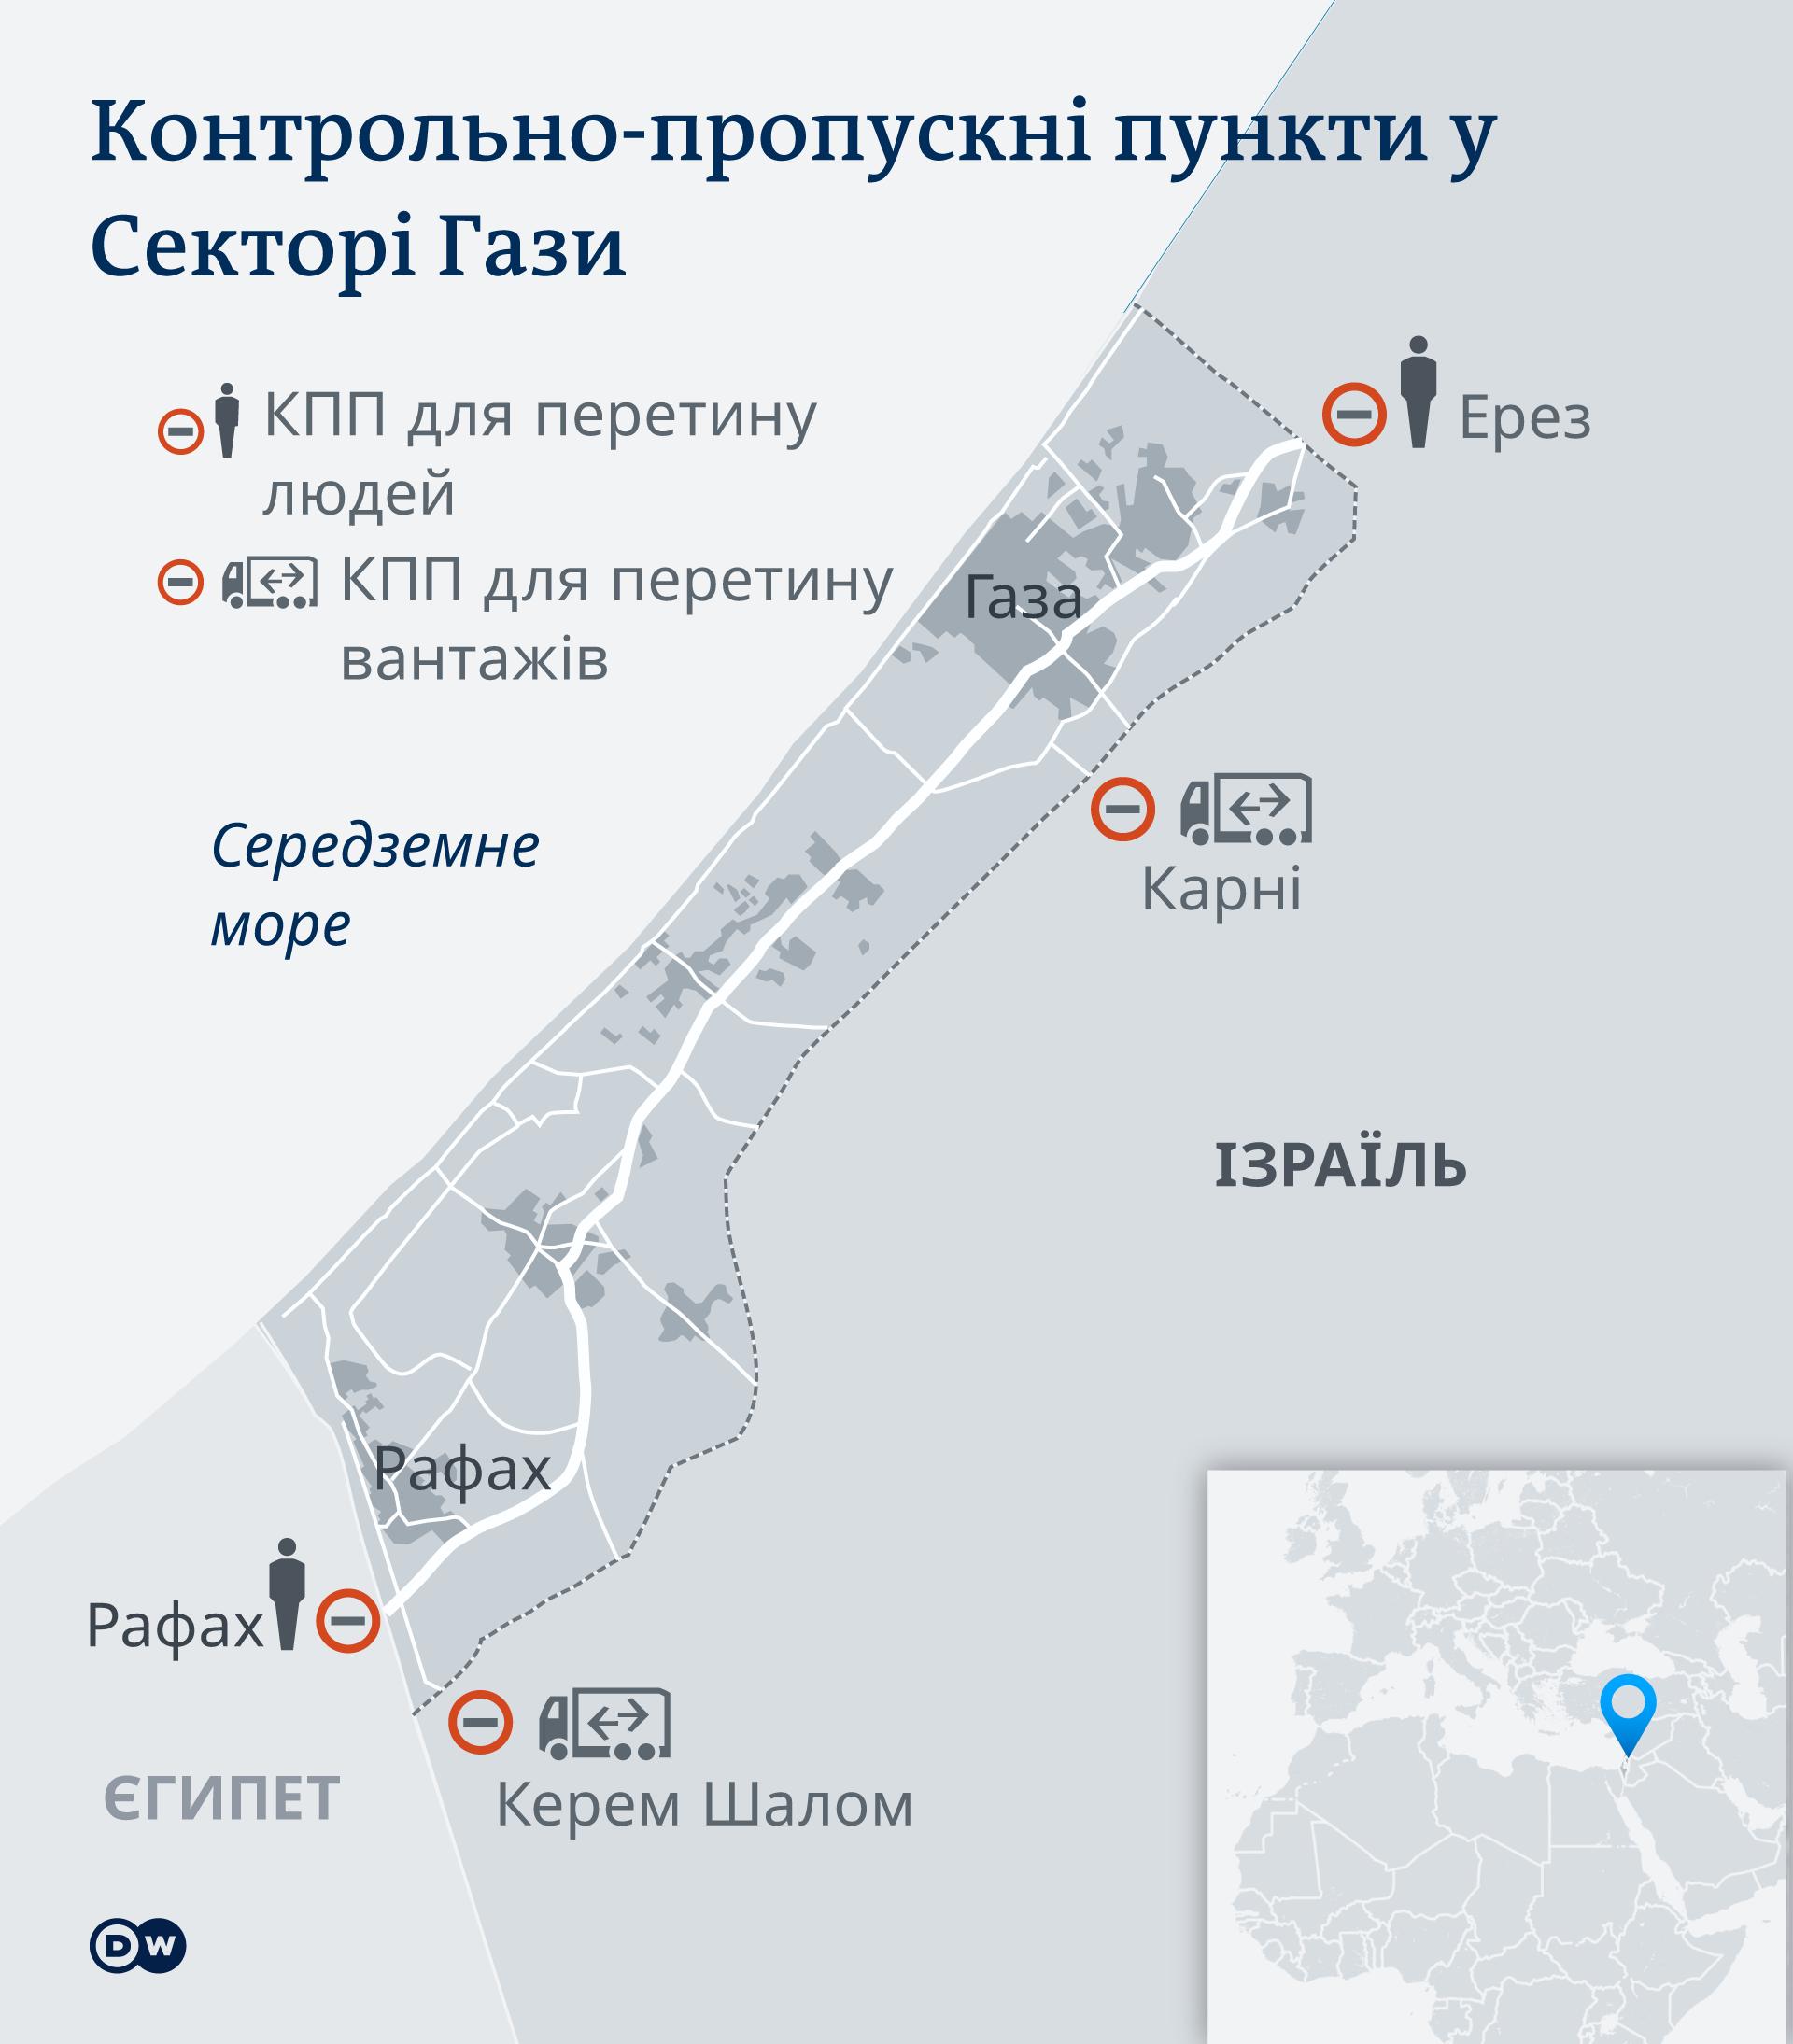 Карта: контрольно-пропускні пункти на кордоні Сектора Гази з Ізраїлем та Єгиптом